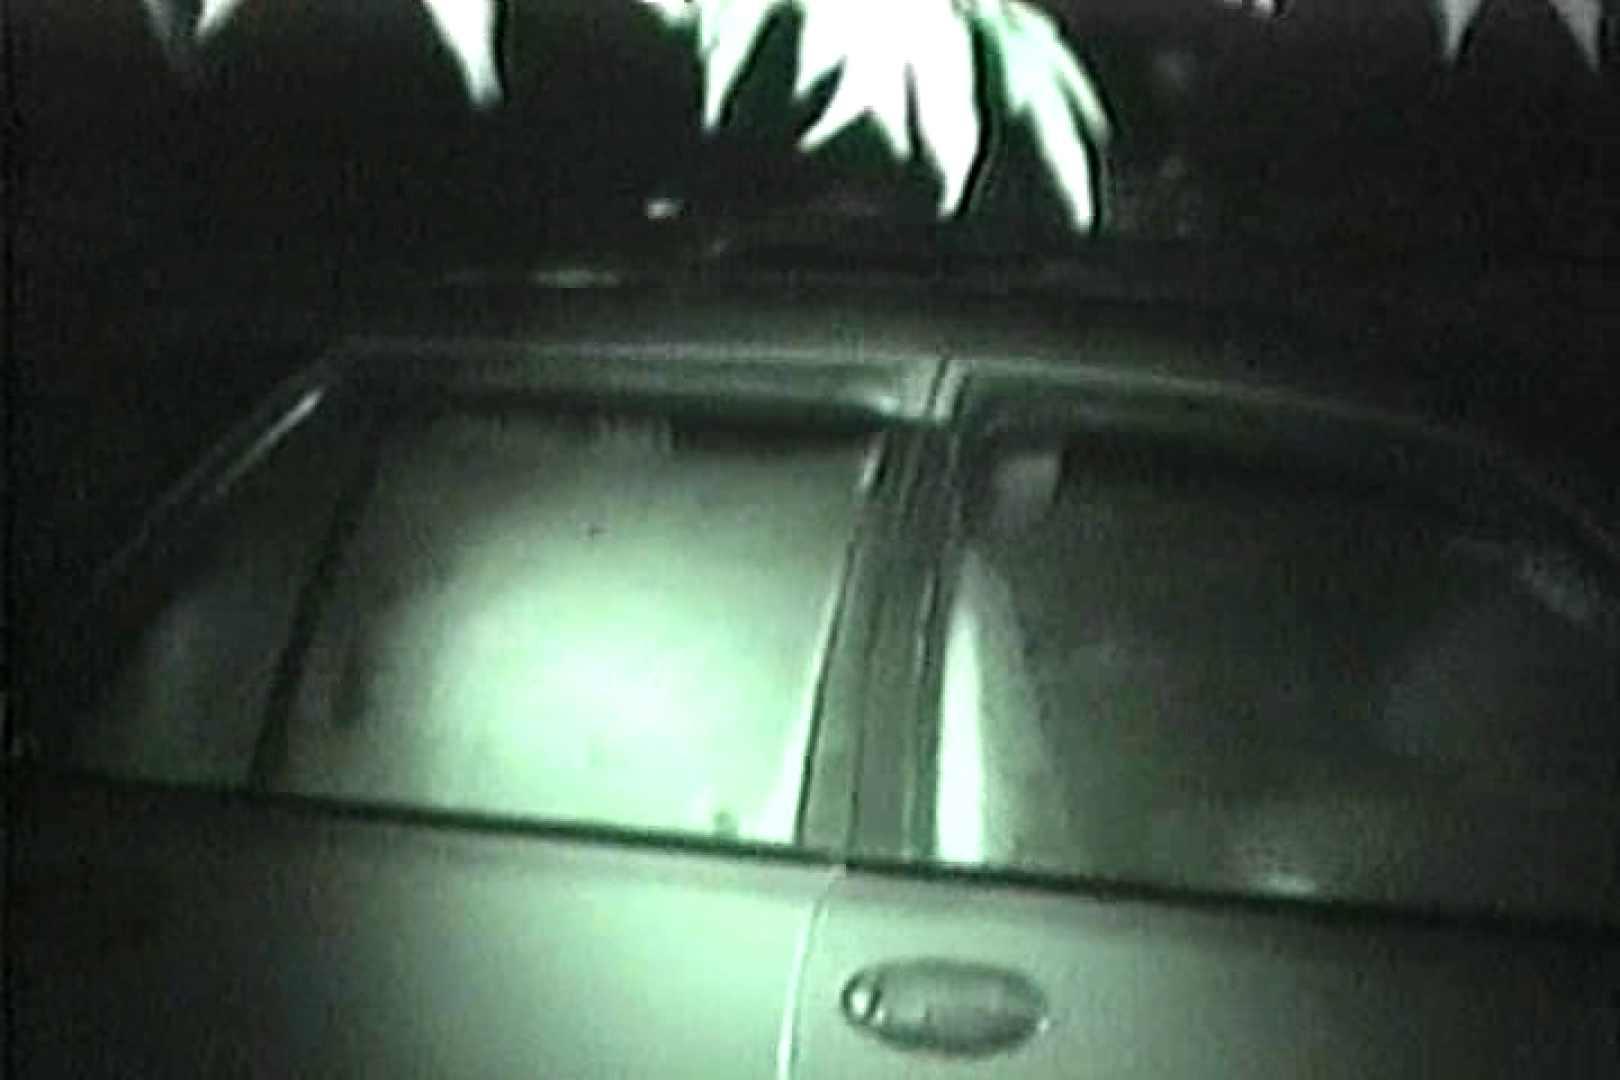 車の中はラブホテル 無修正版  Vol.9 ホテル | 車の中のカップル  60画像 49